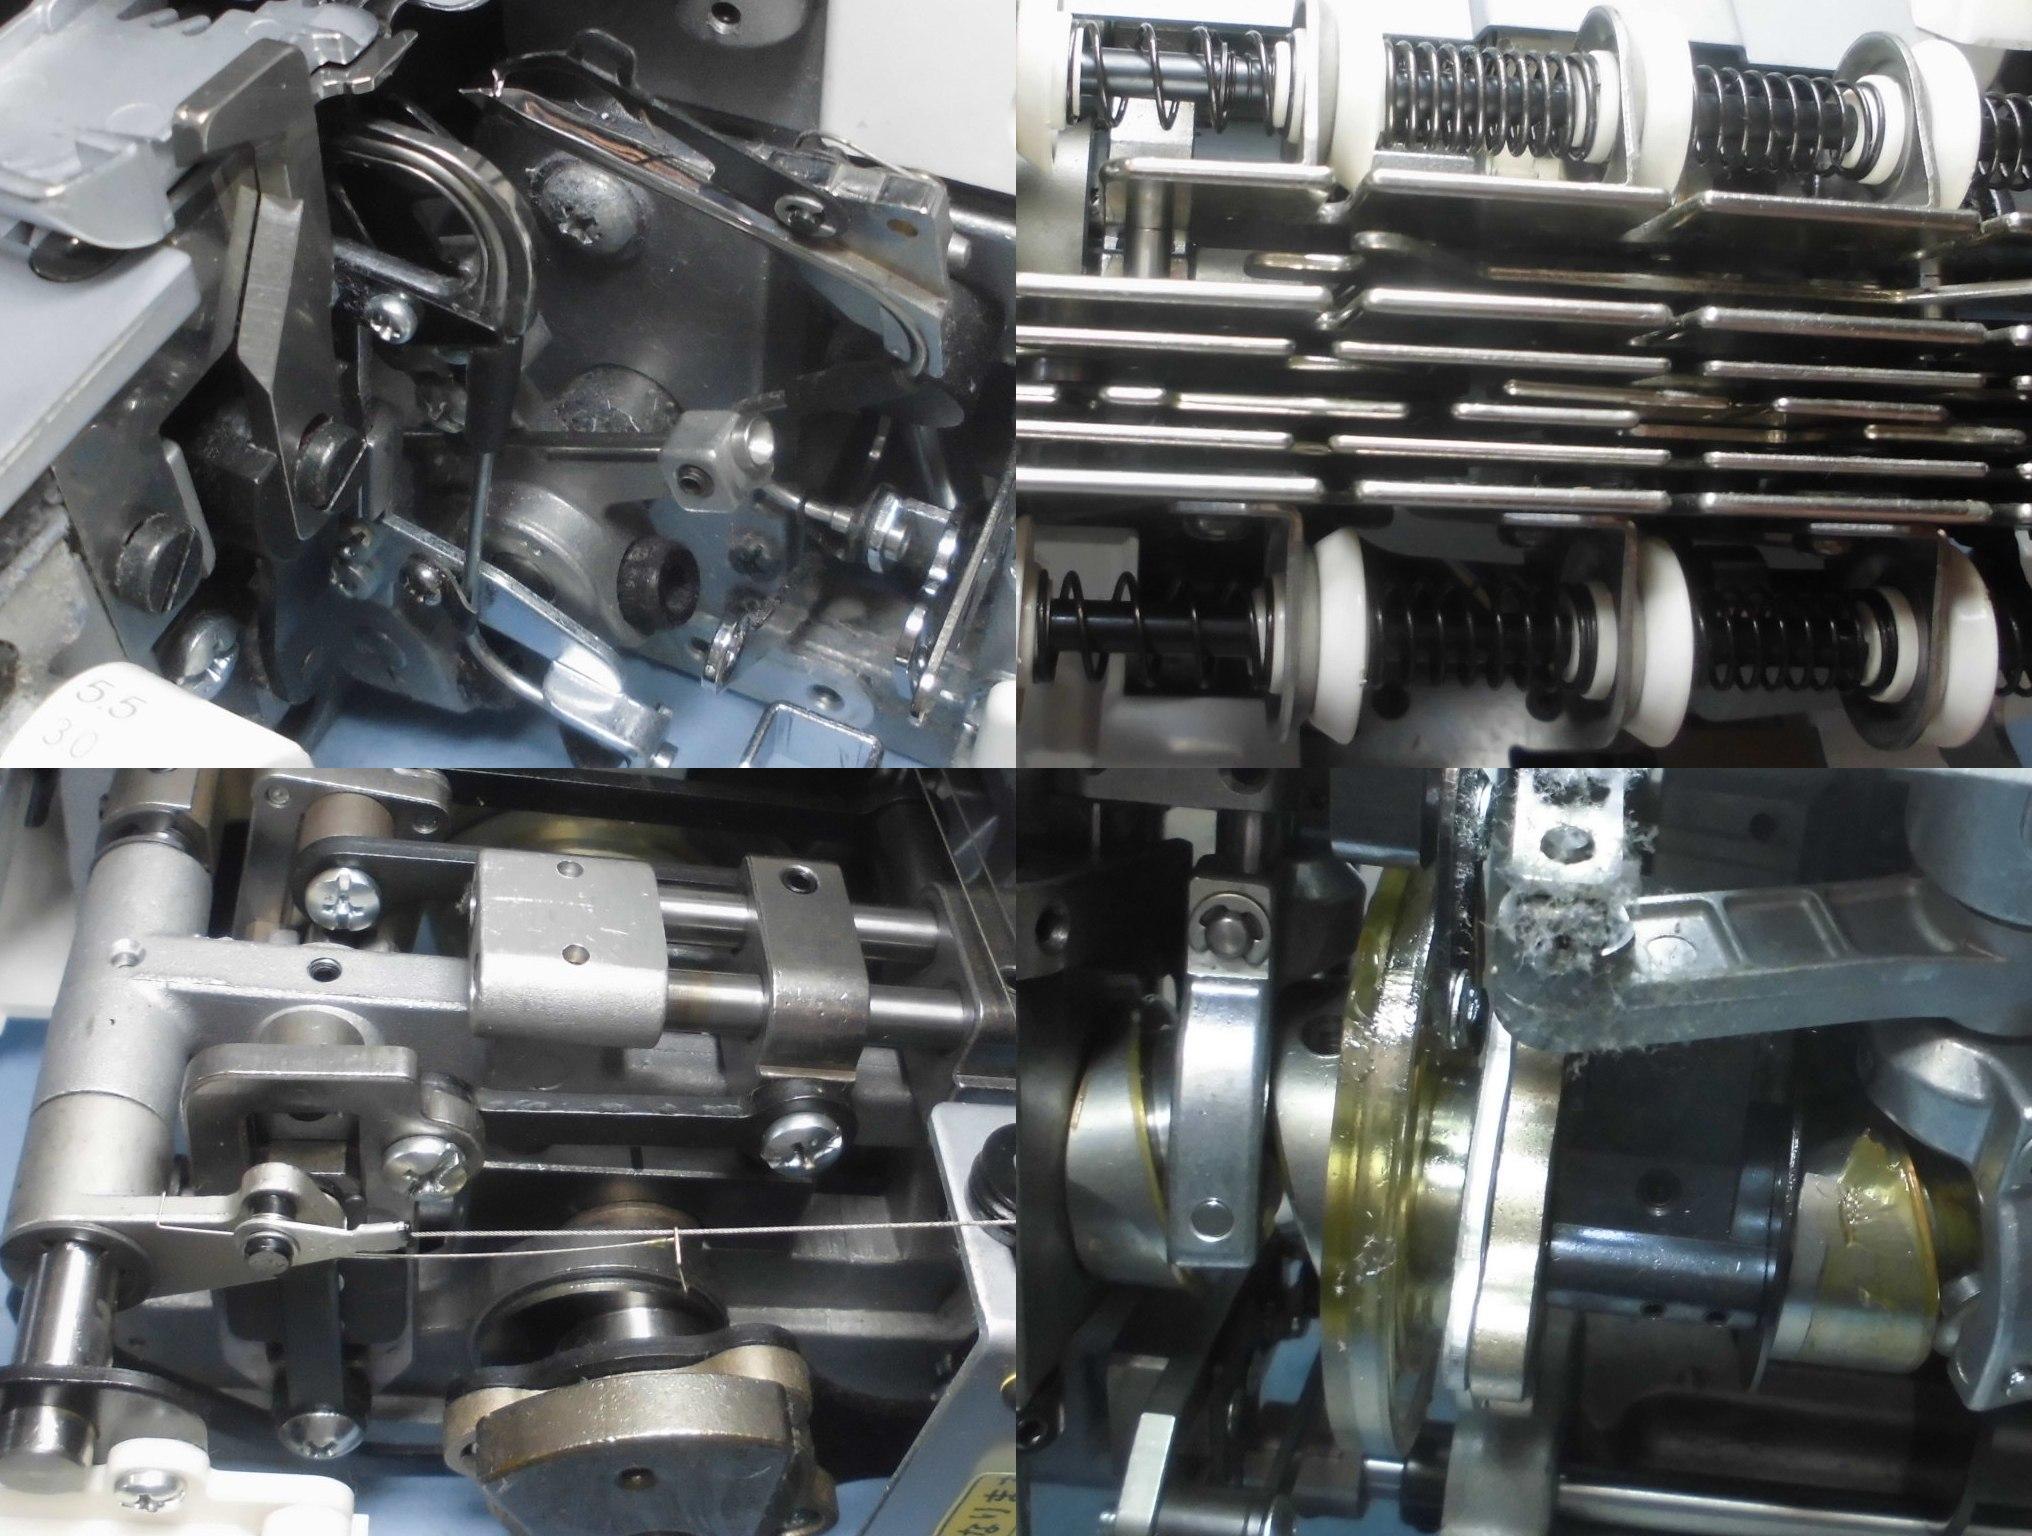 BL77WJの分解オーバーホールメンテナンス修理|ジューキベビーロックミシン(縫工房)